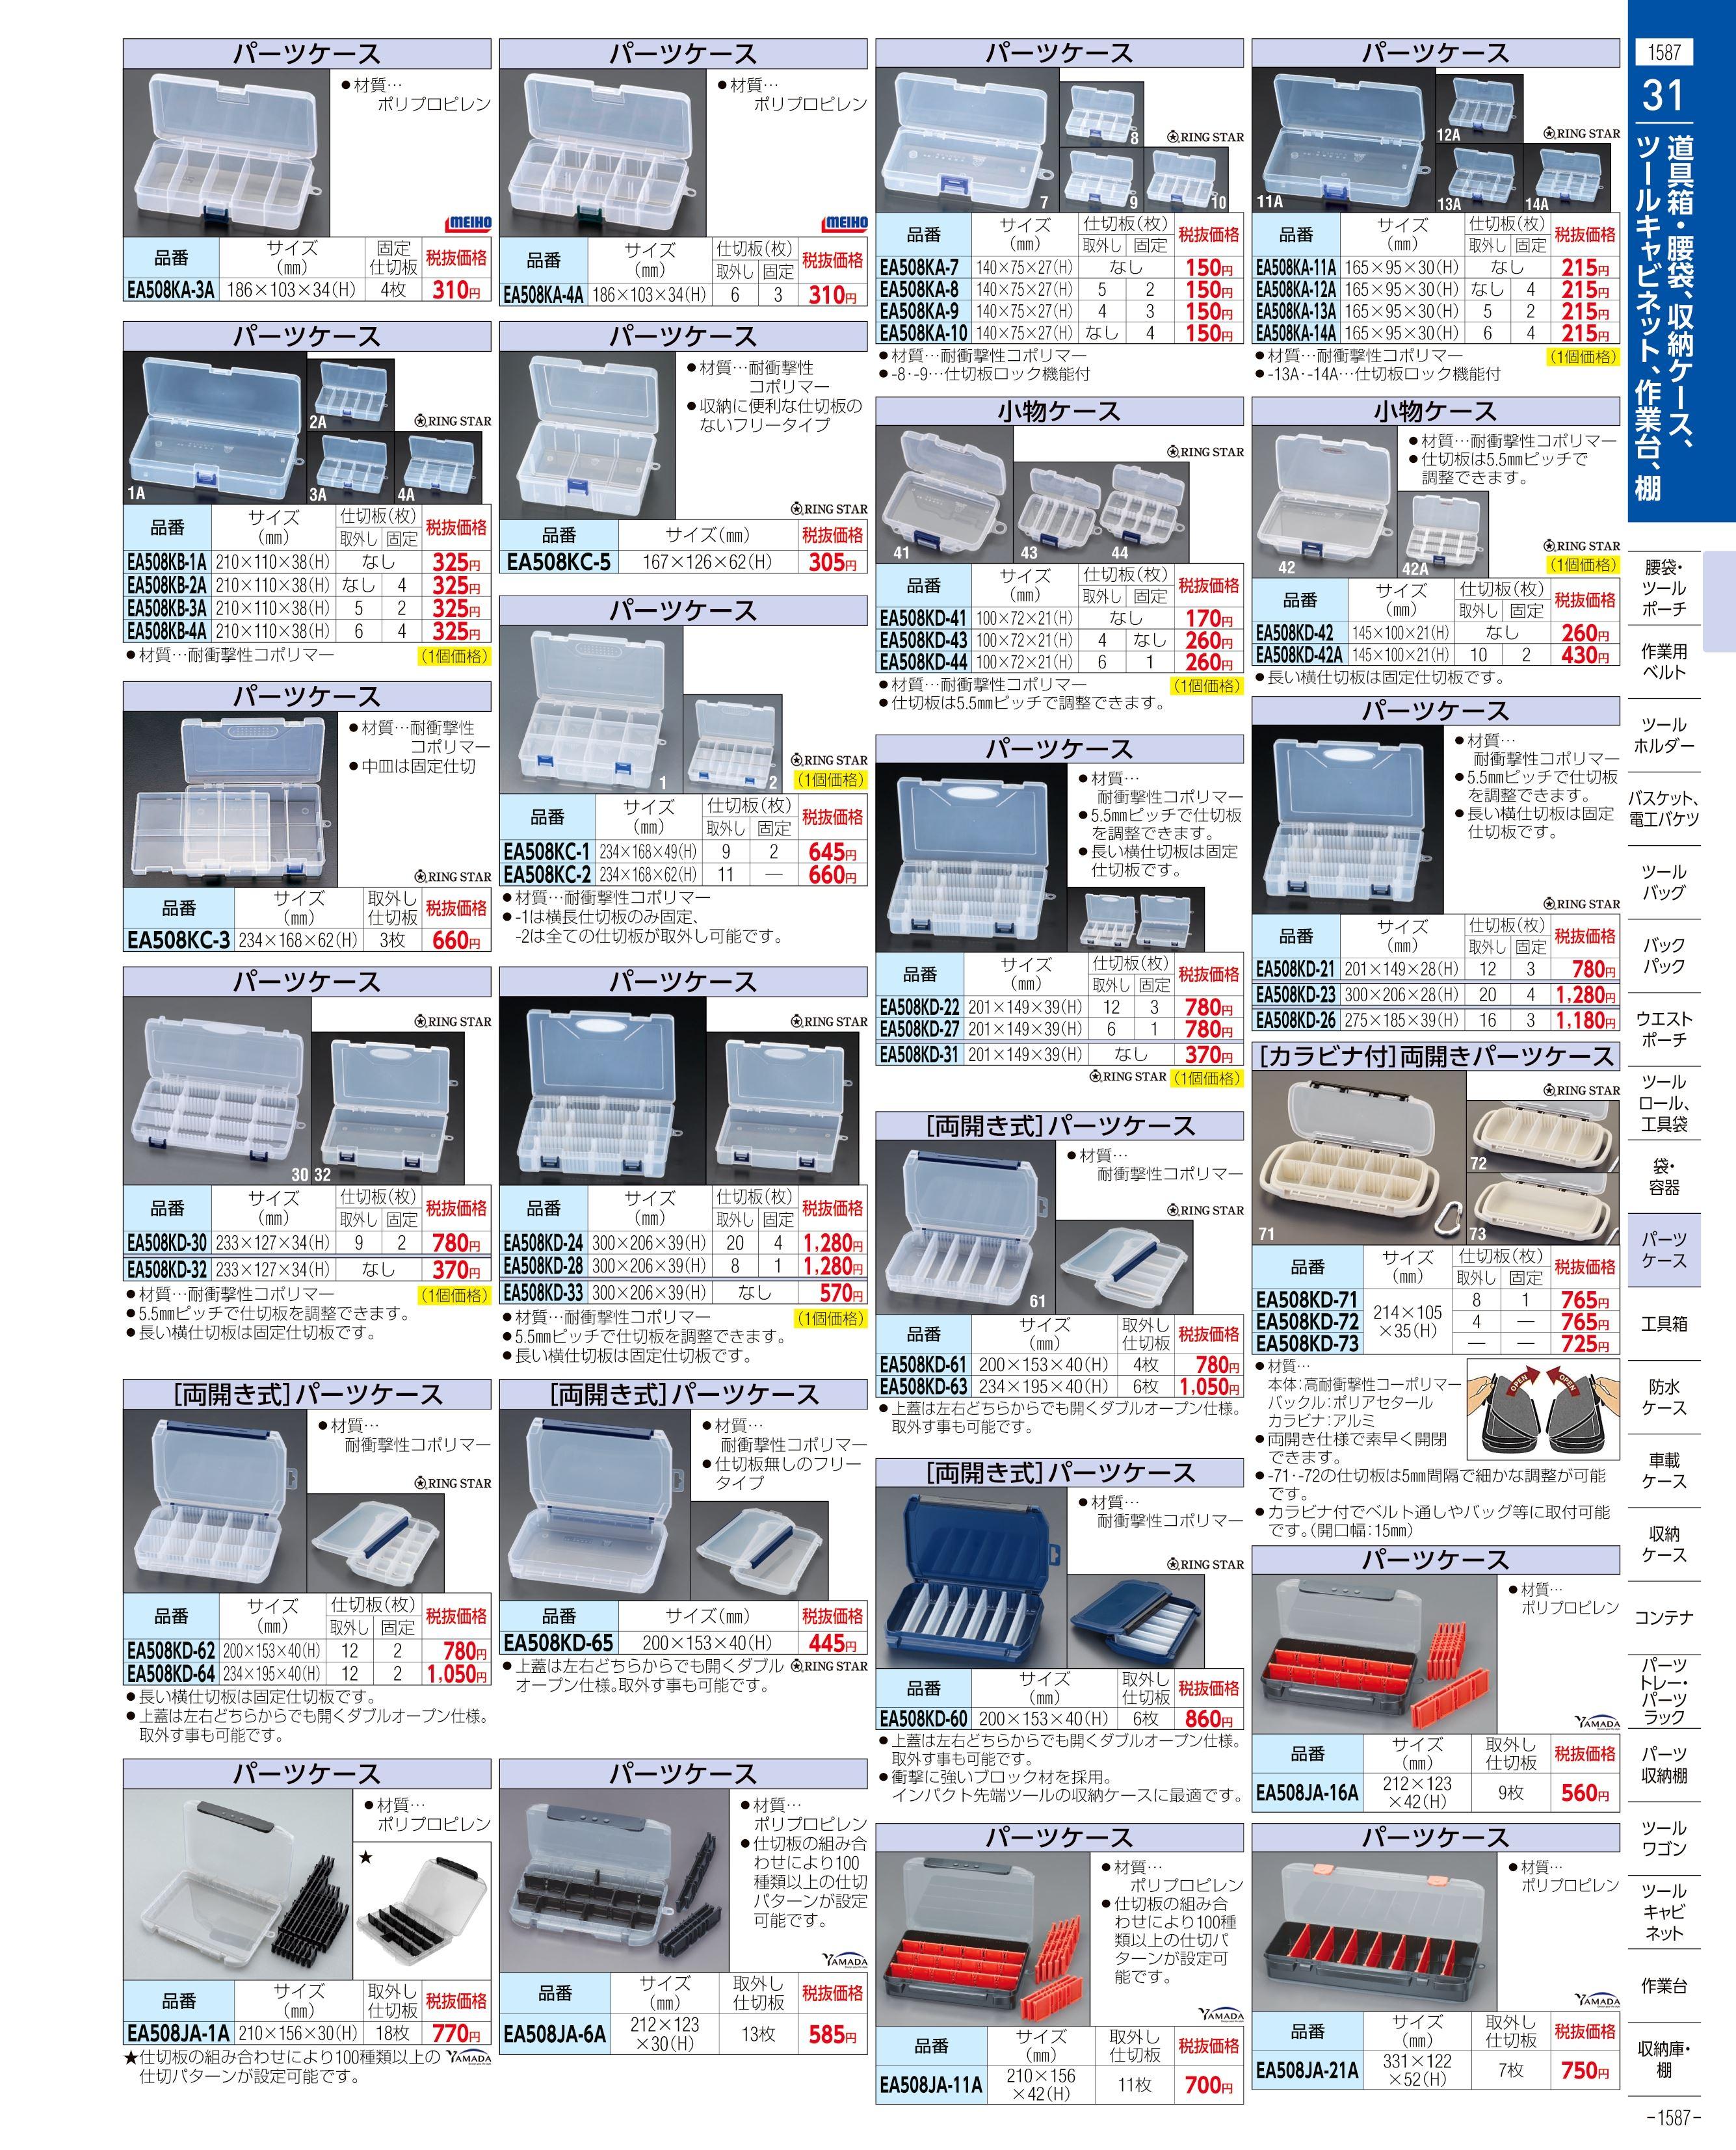 エスコ便利カタログ1587ページ